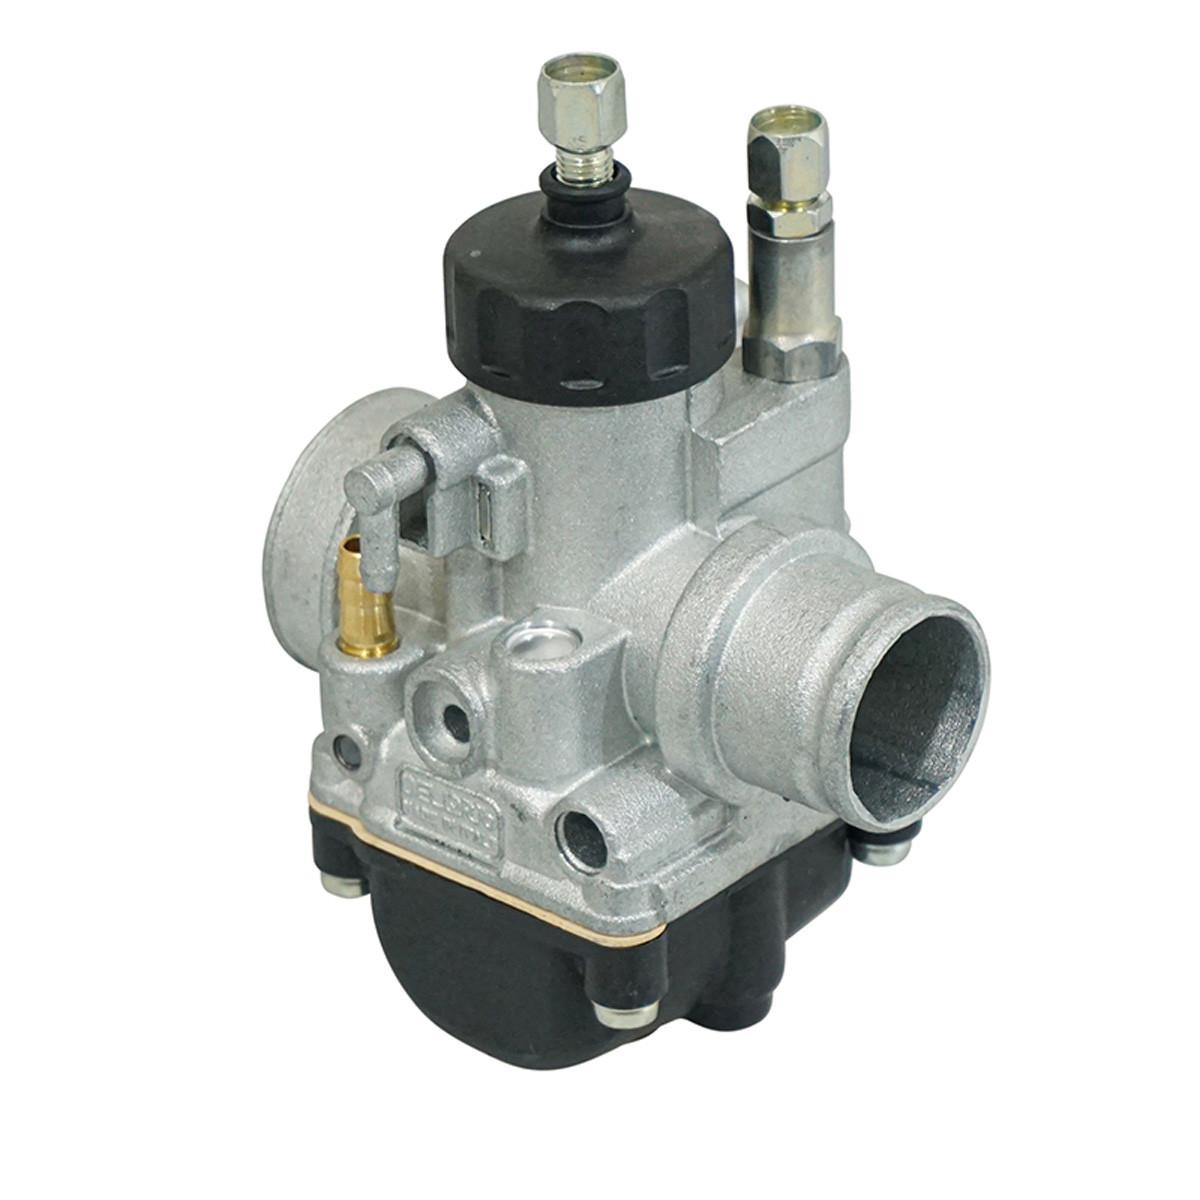 Carburateur 21mm PHBG BS - Dellorto Montage souple / couvercle rond